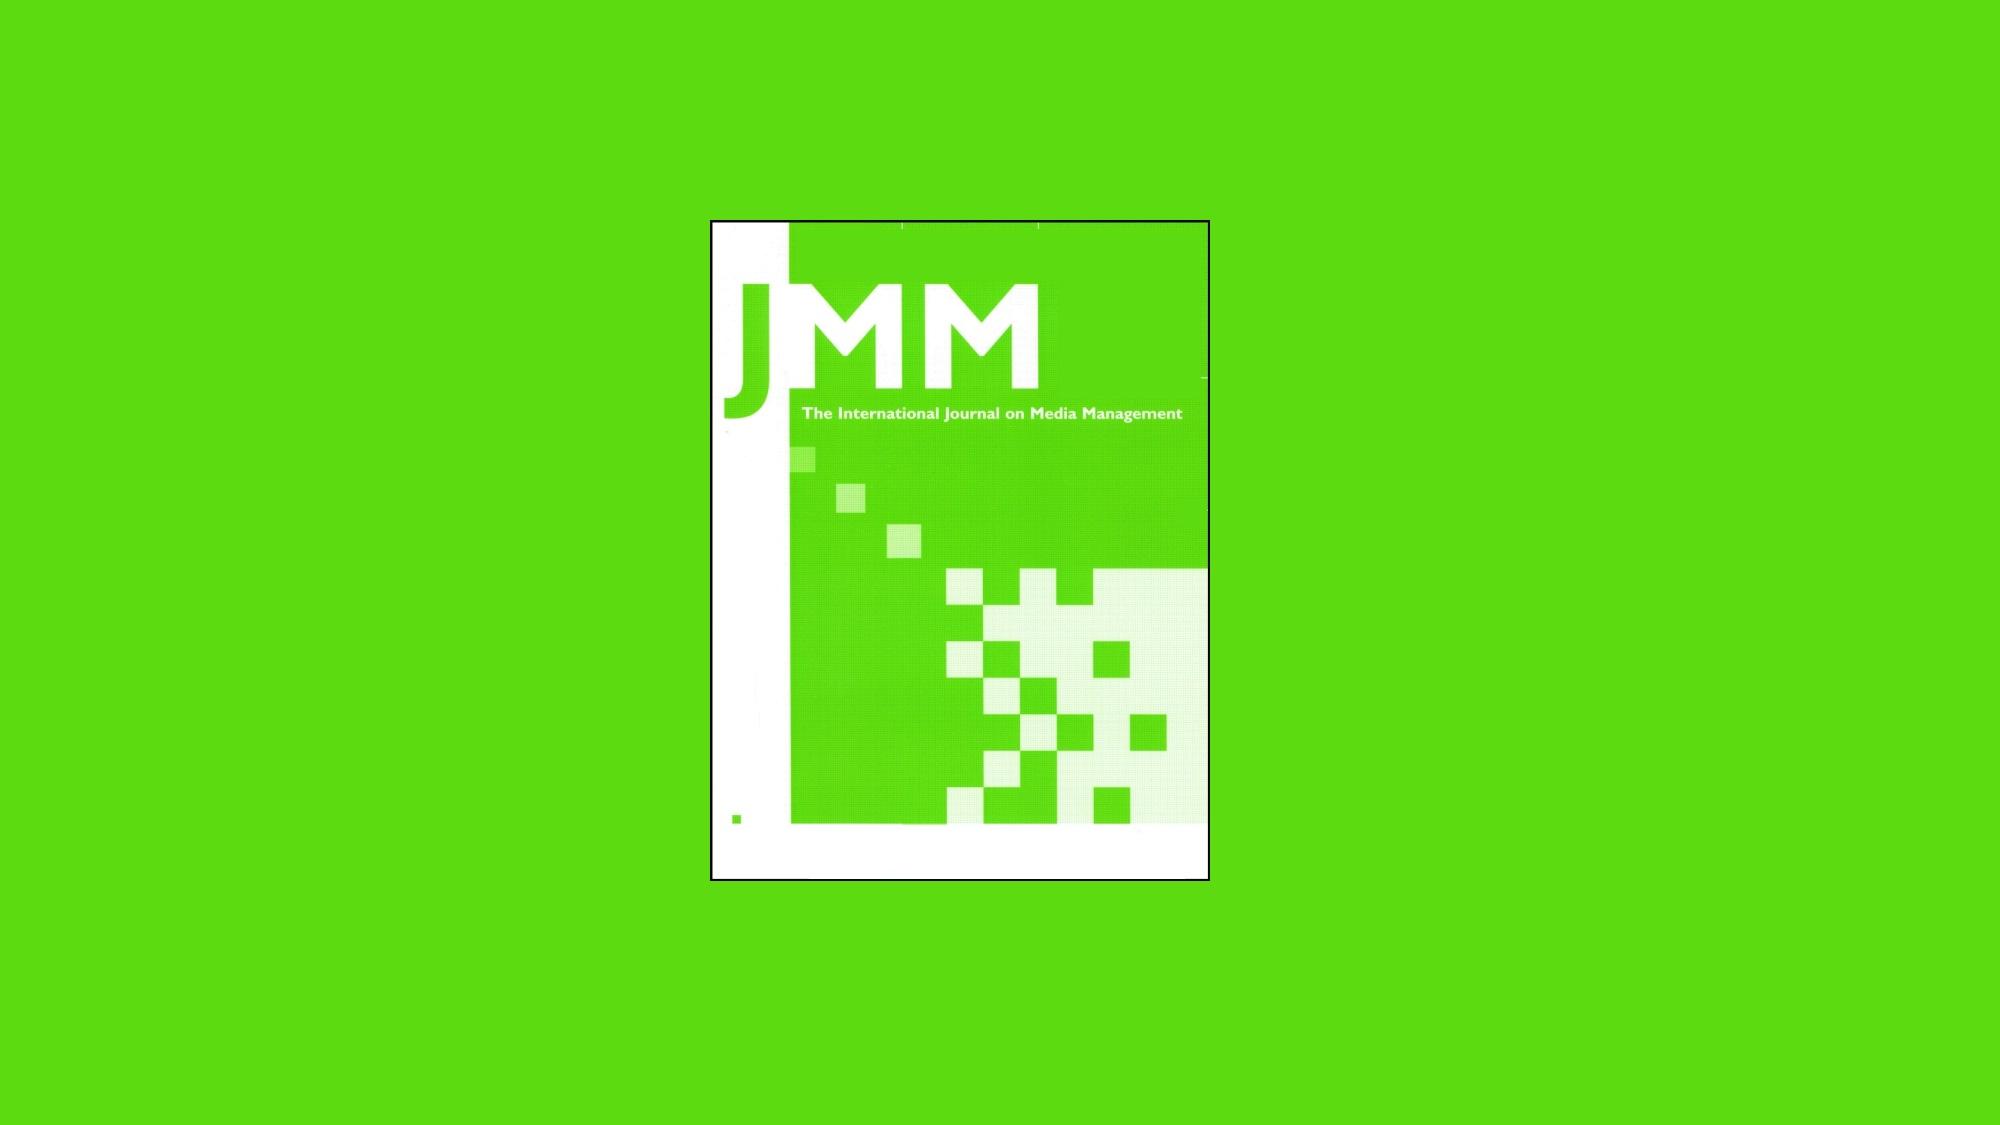 JMM Logo, weiss auf hell Grün